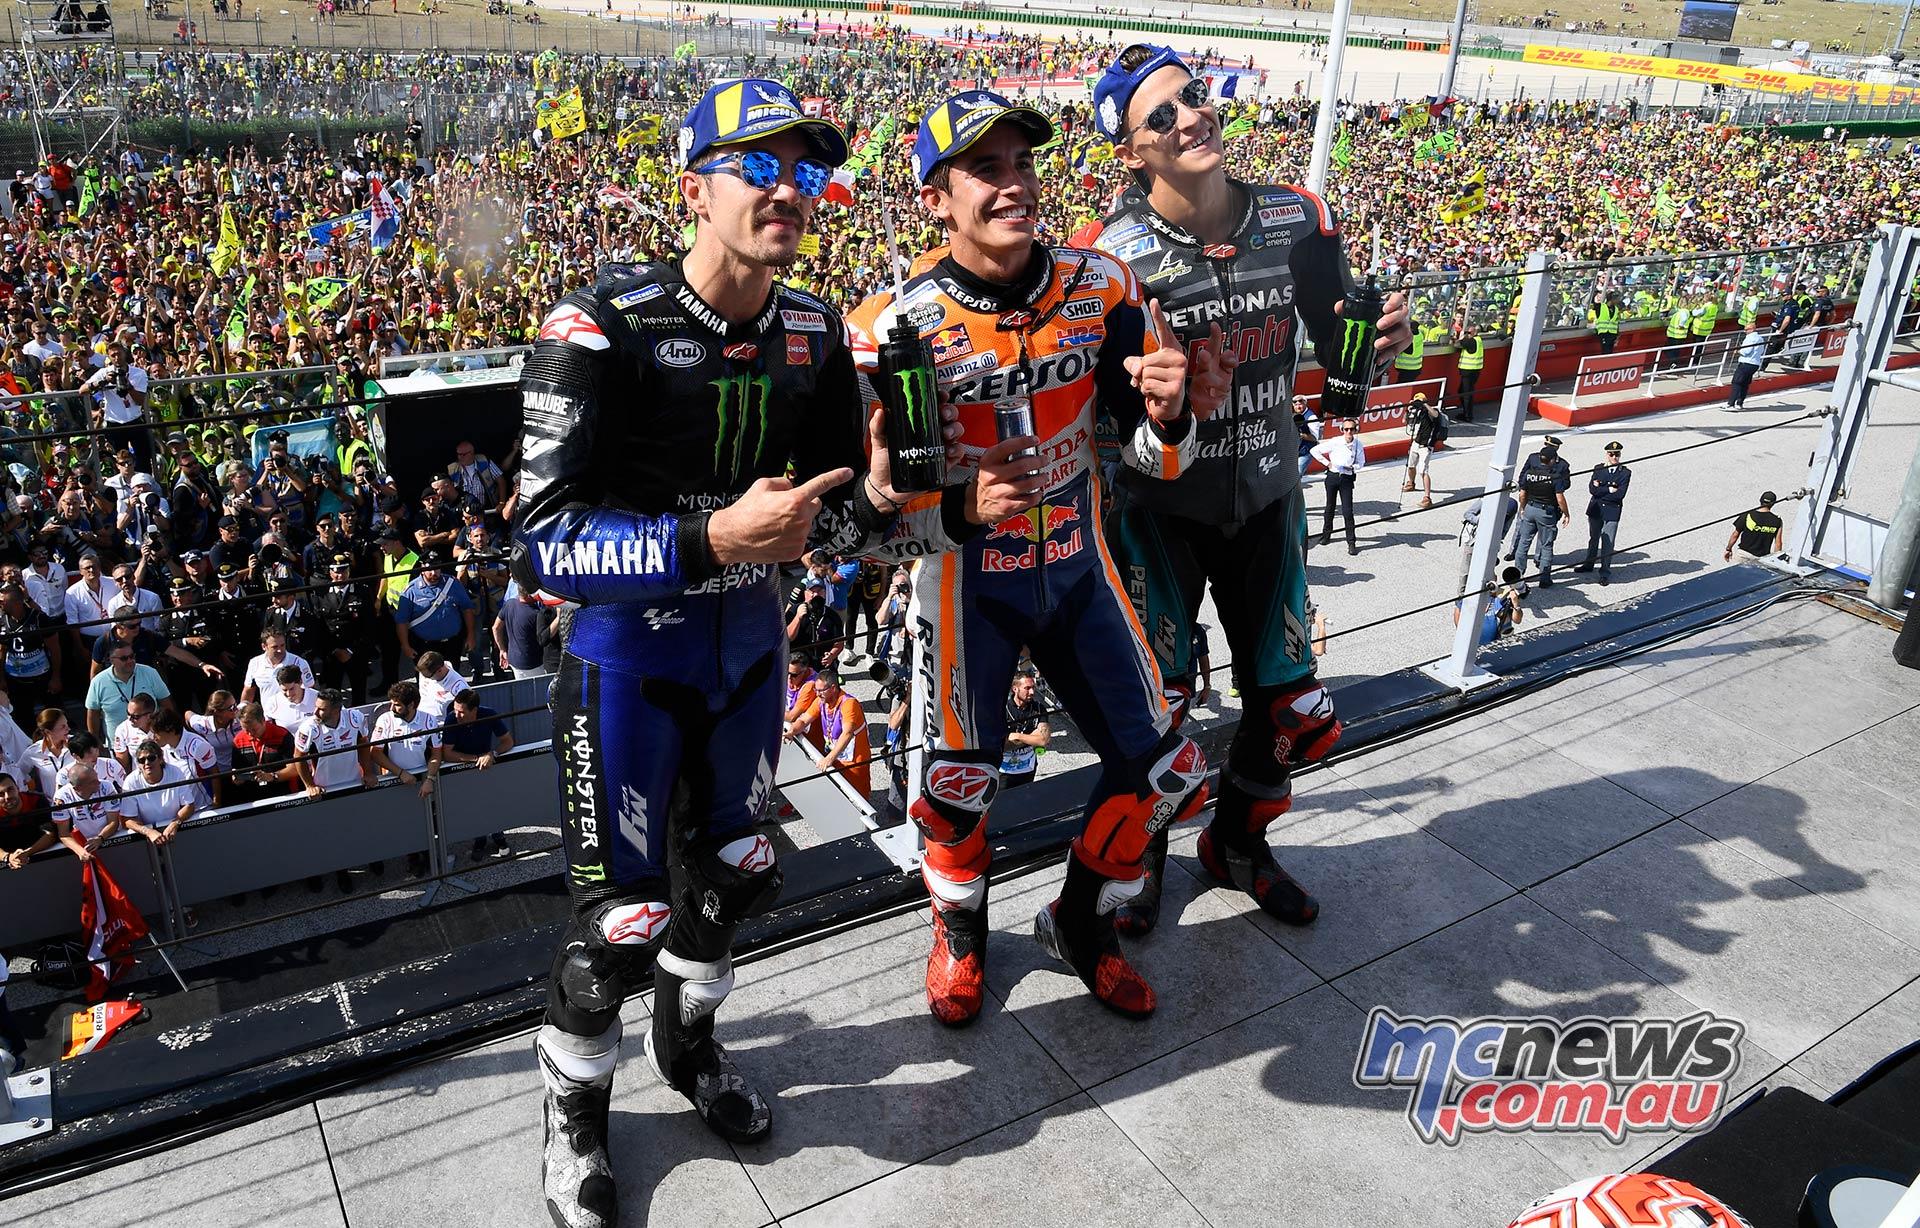 MotoGP Rnd Misano Podium Fans Marquez Quartararo Vinales